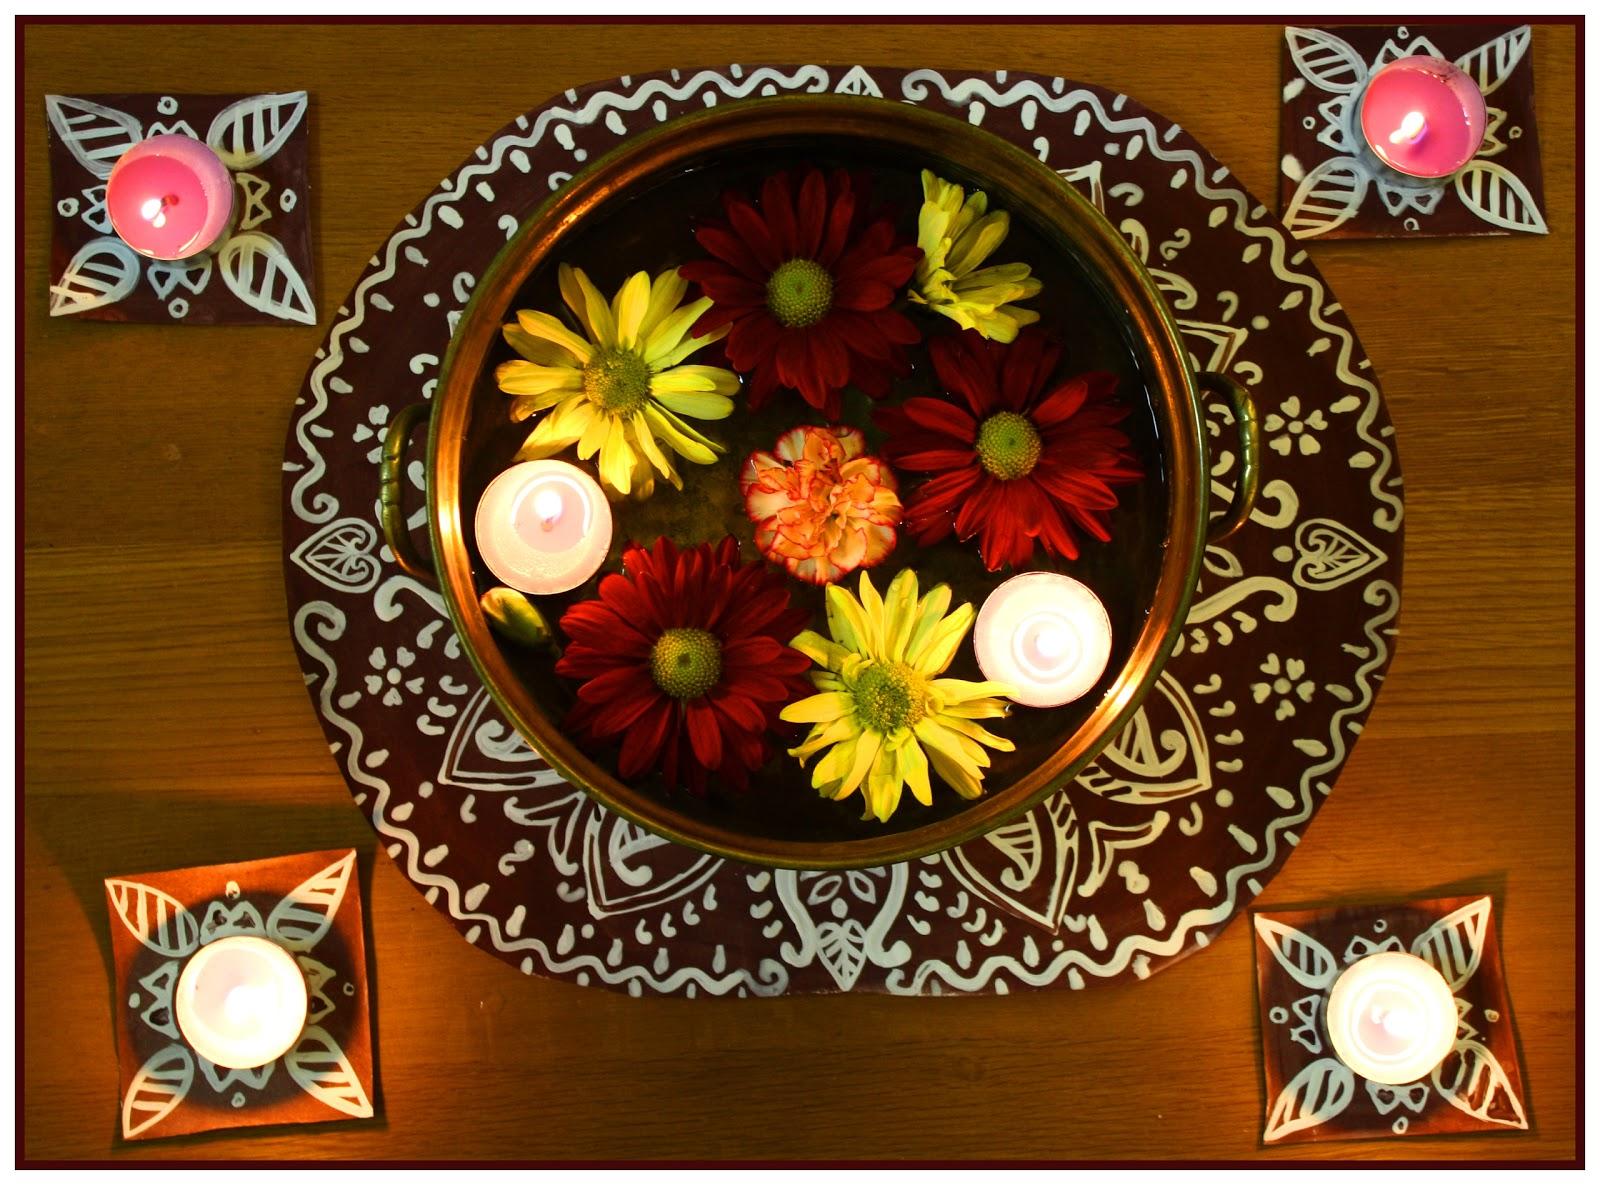 Hue 'n' Splash: Happy Diwali